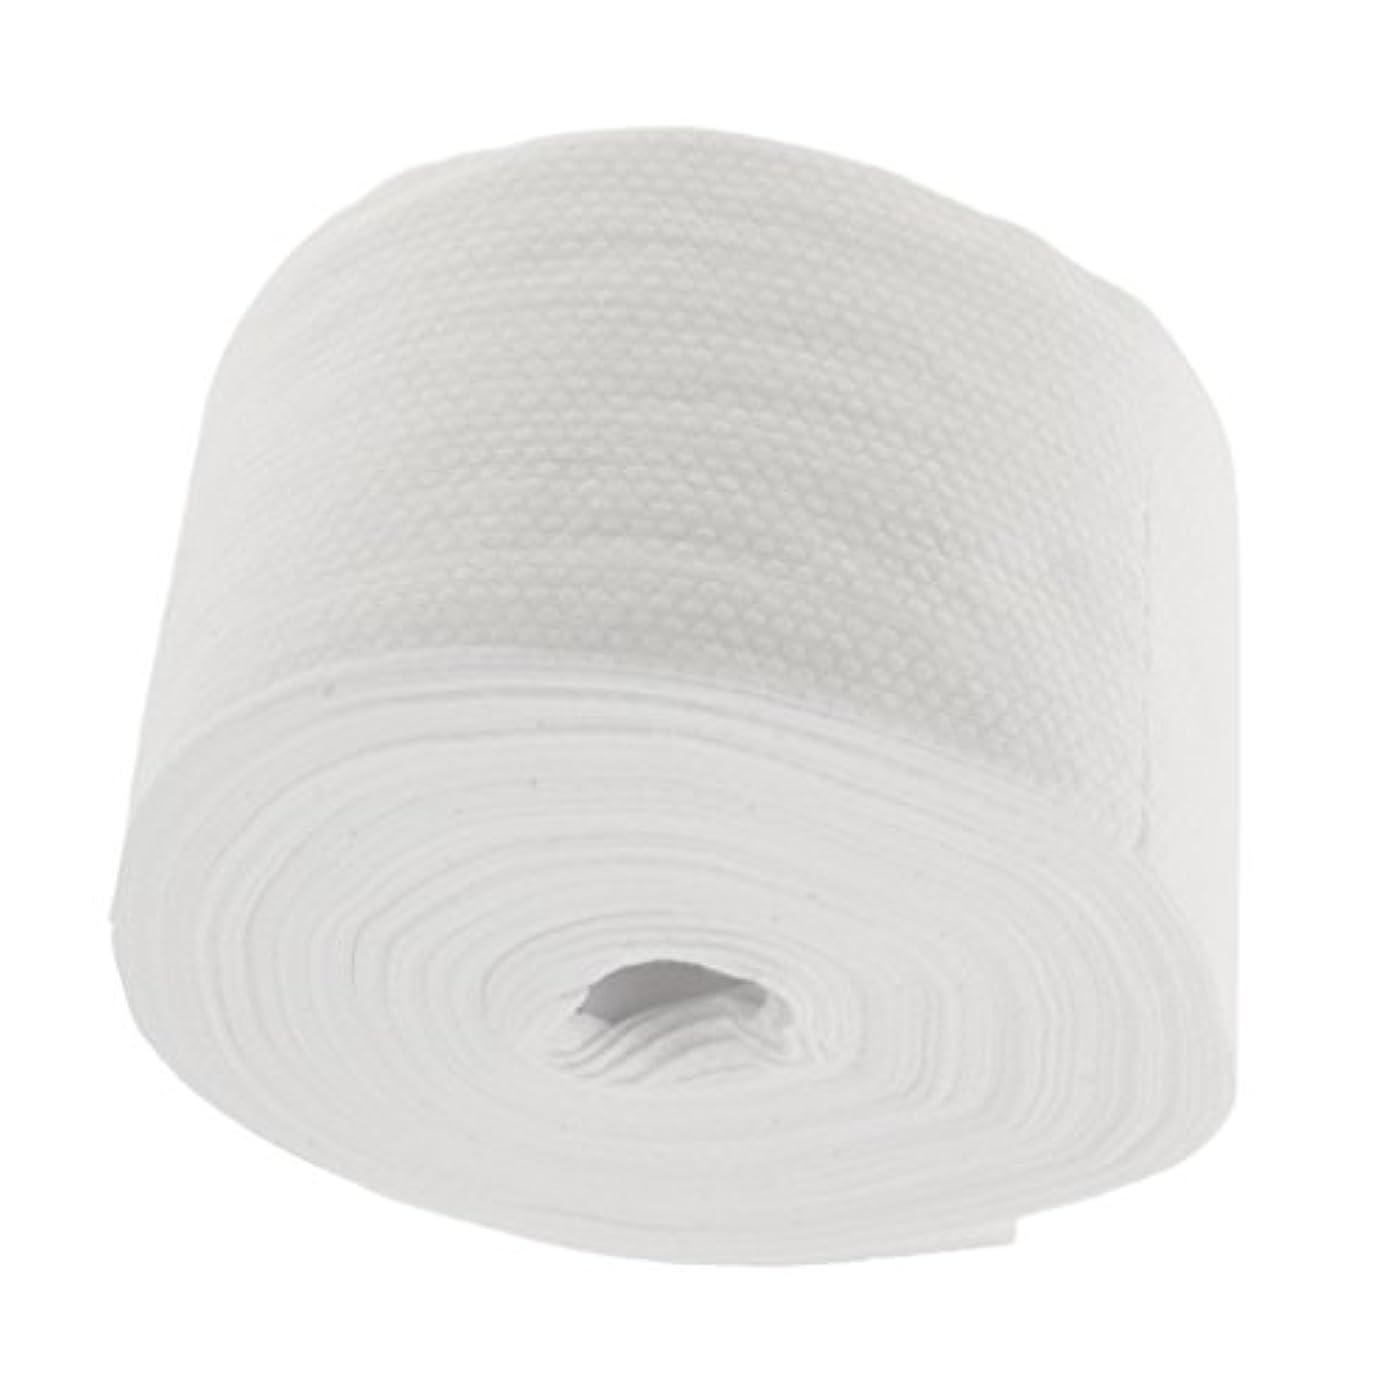 バランスのとれた洗剤少ないSharplace ロール式 使い捨て 洗顔タオル 使い捨てタオル 30M コットン 繊維 メイクリムーバー 快適 - #2